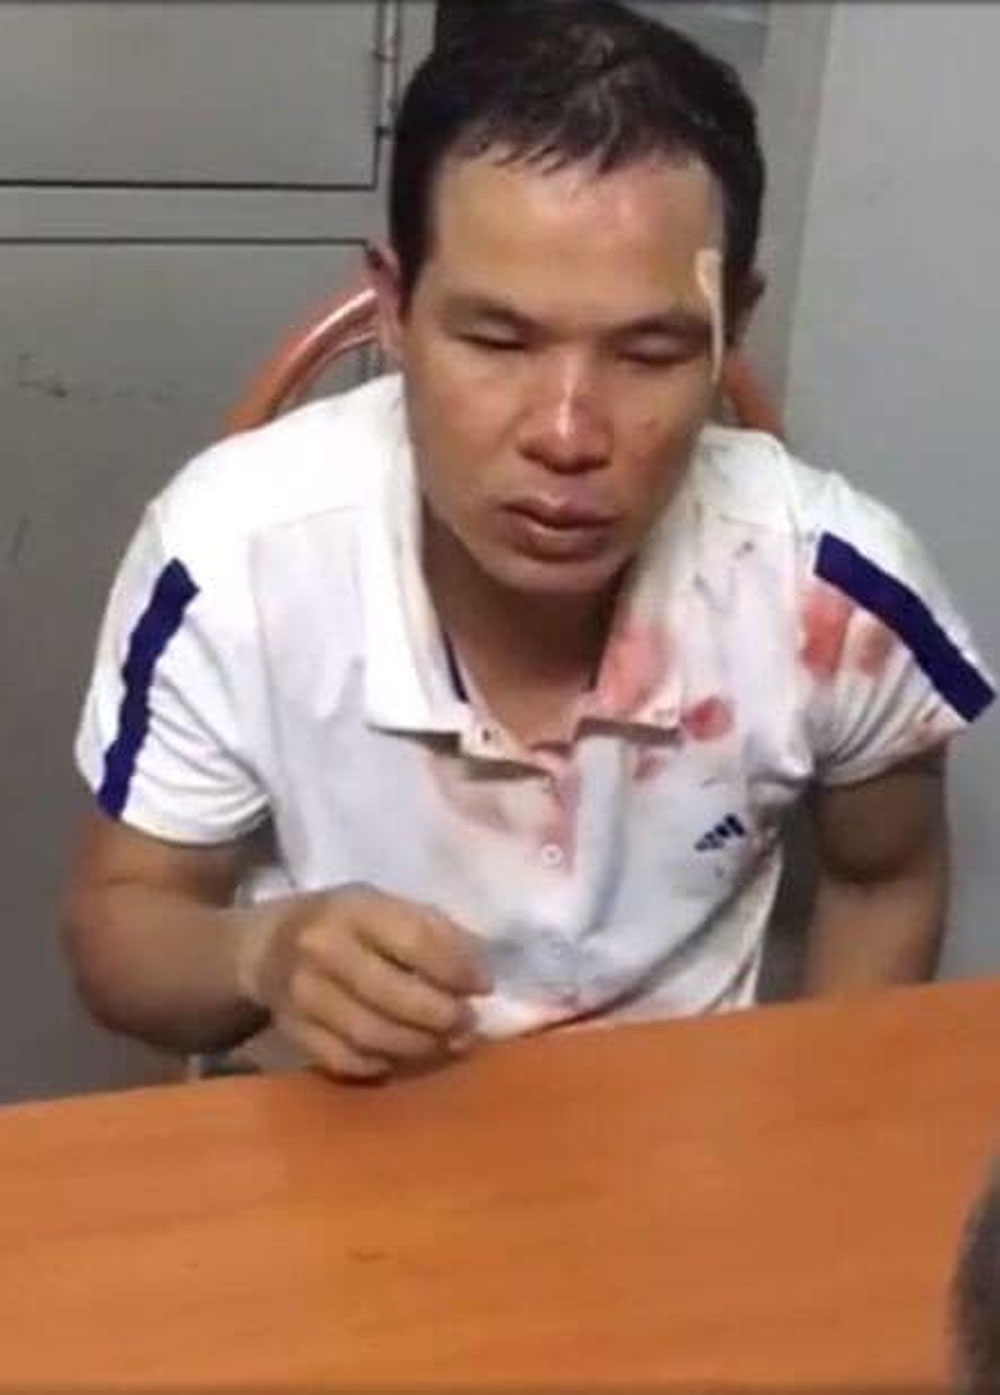 Kẻ nghi bắt cóc trẻ em ở Hà Nội, vào nhà dân, trộm cắp tài sản, Nguyễn Hoàng Hiệp